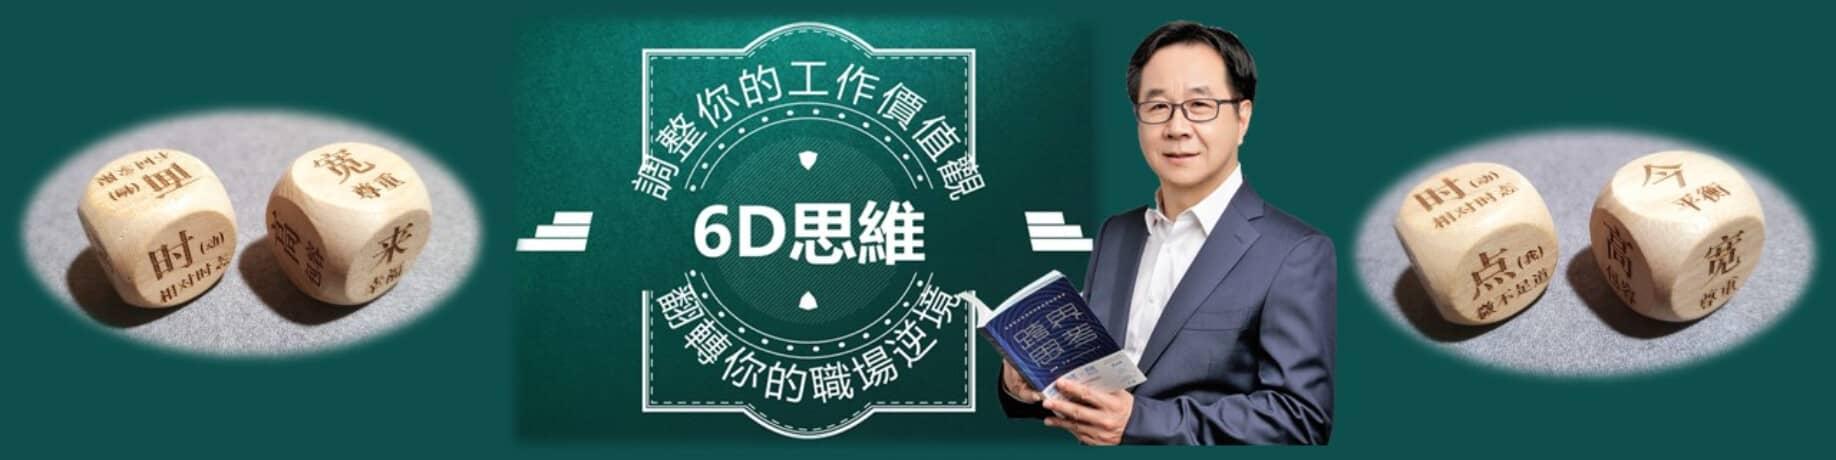 6D思維─延伸思考寬高深